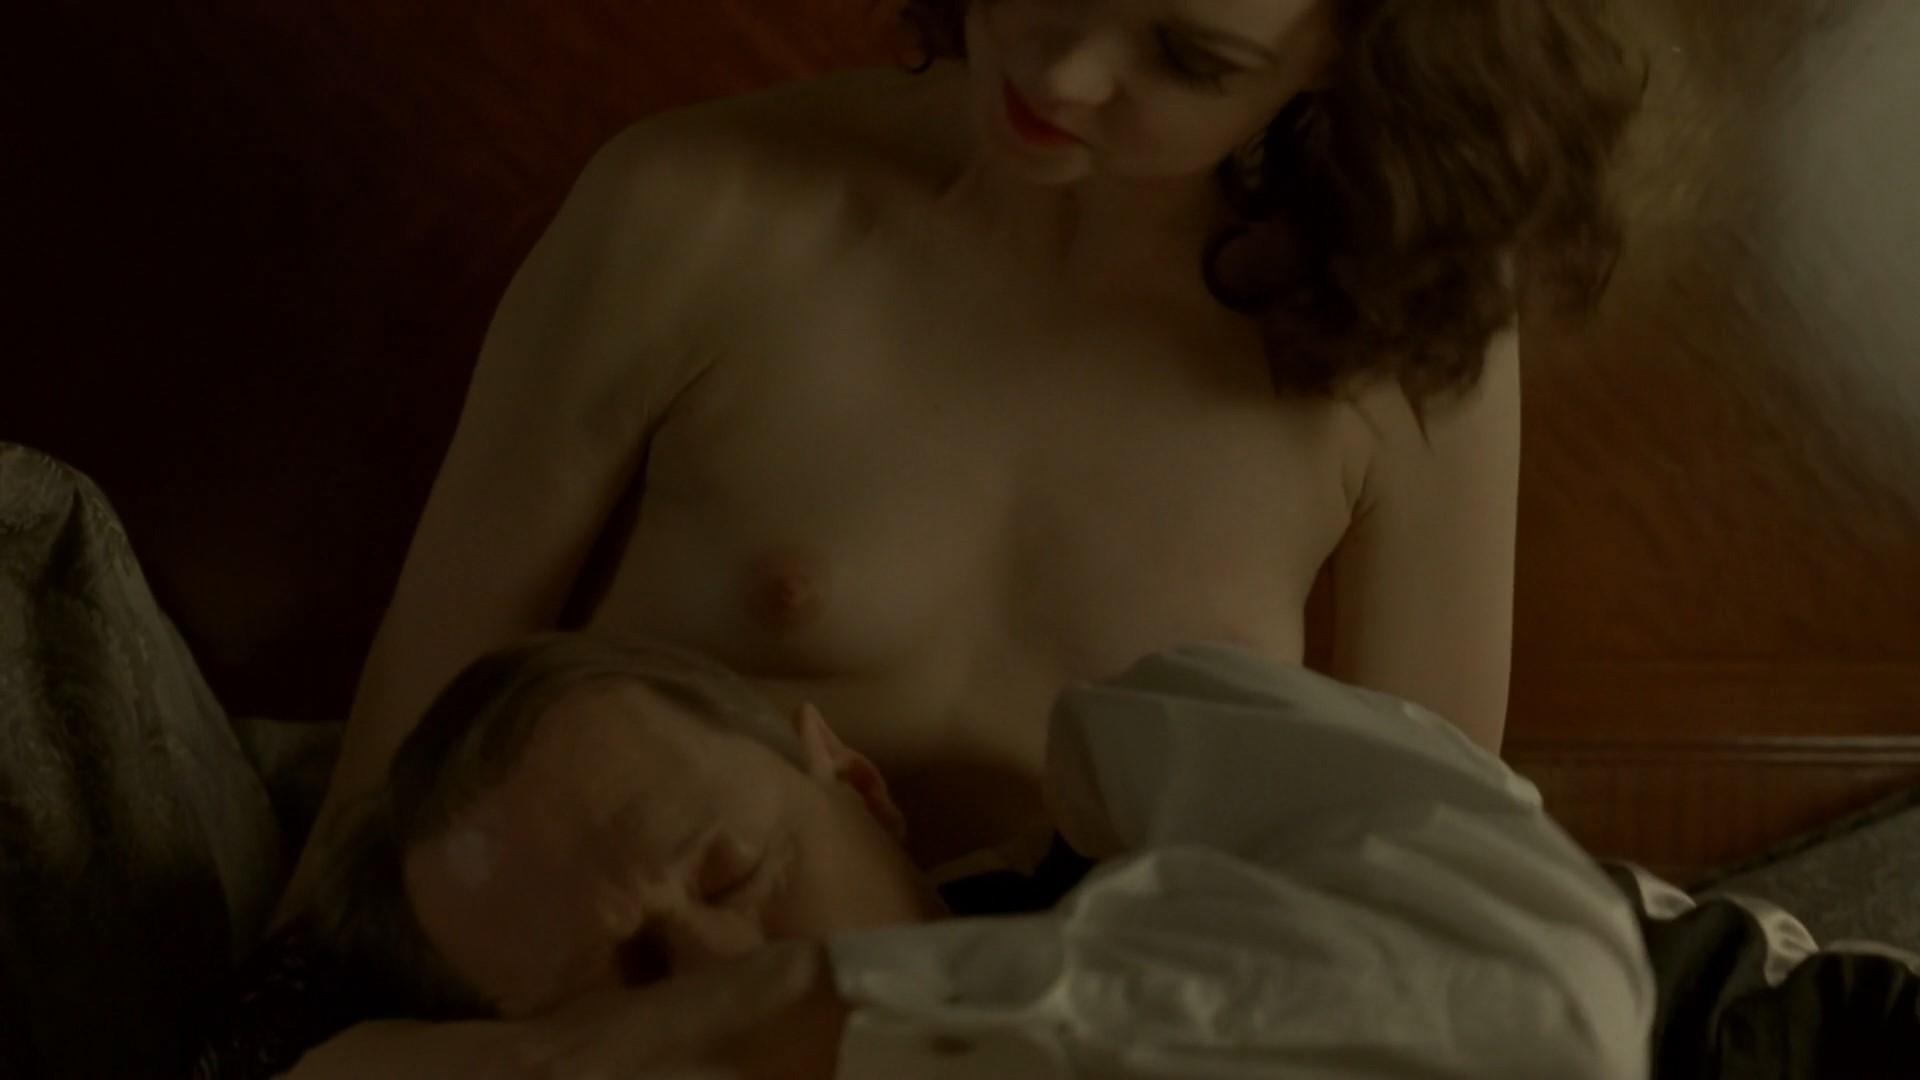 steedle nude chambers Meg